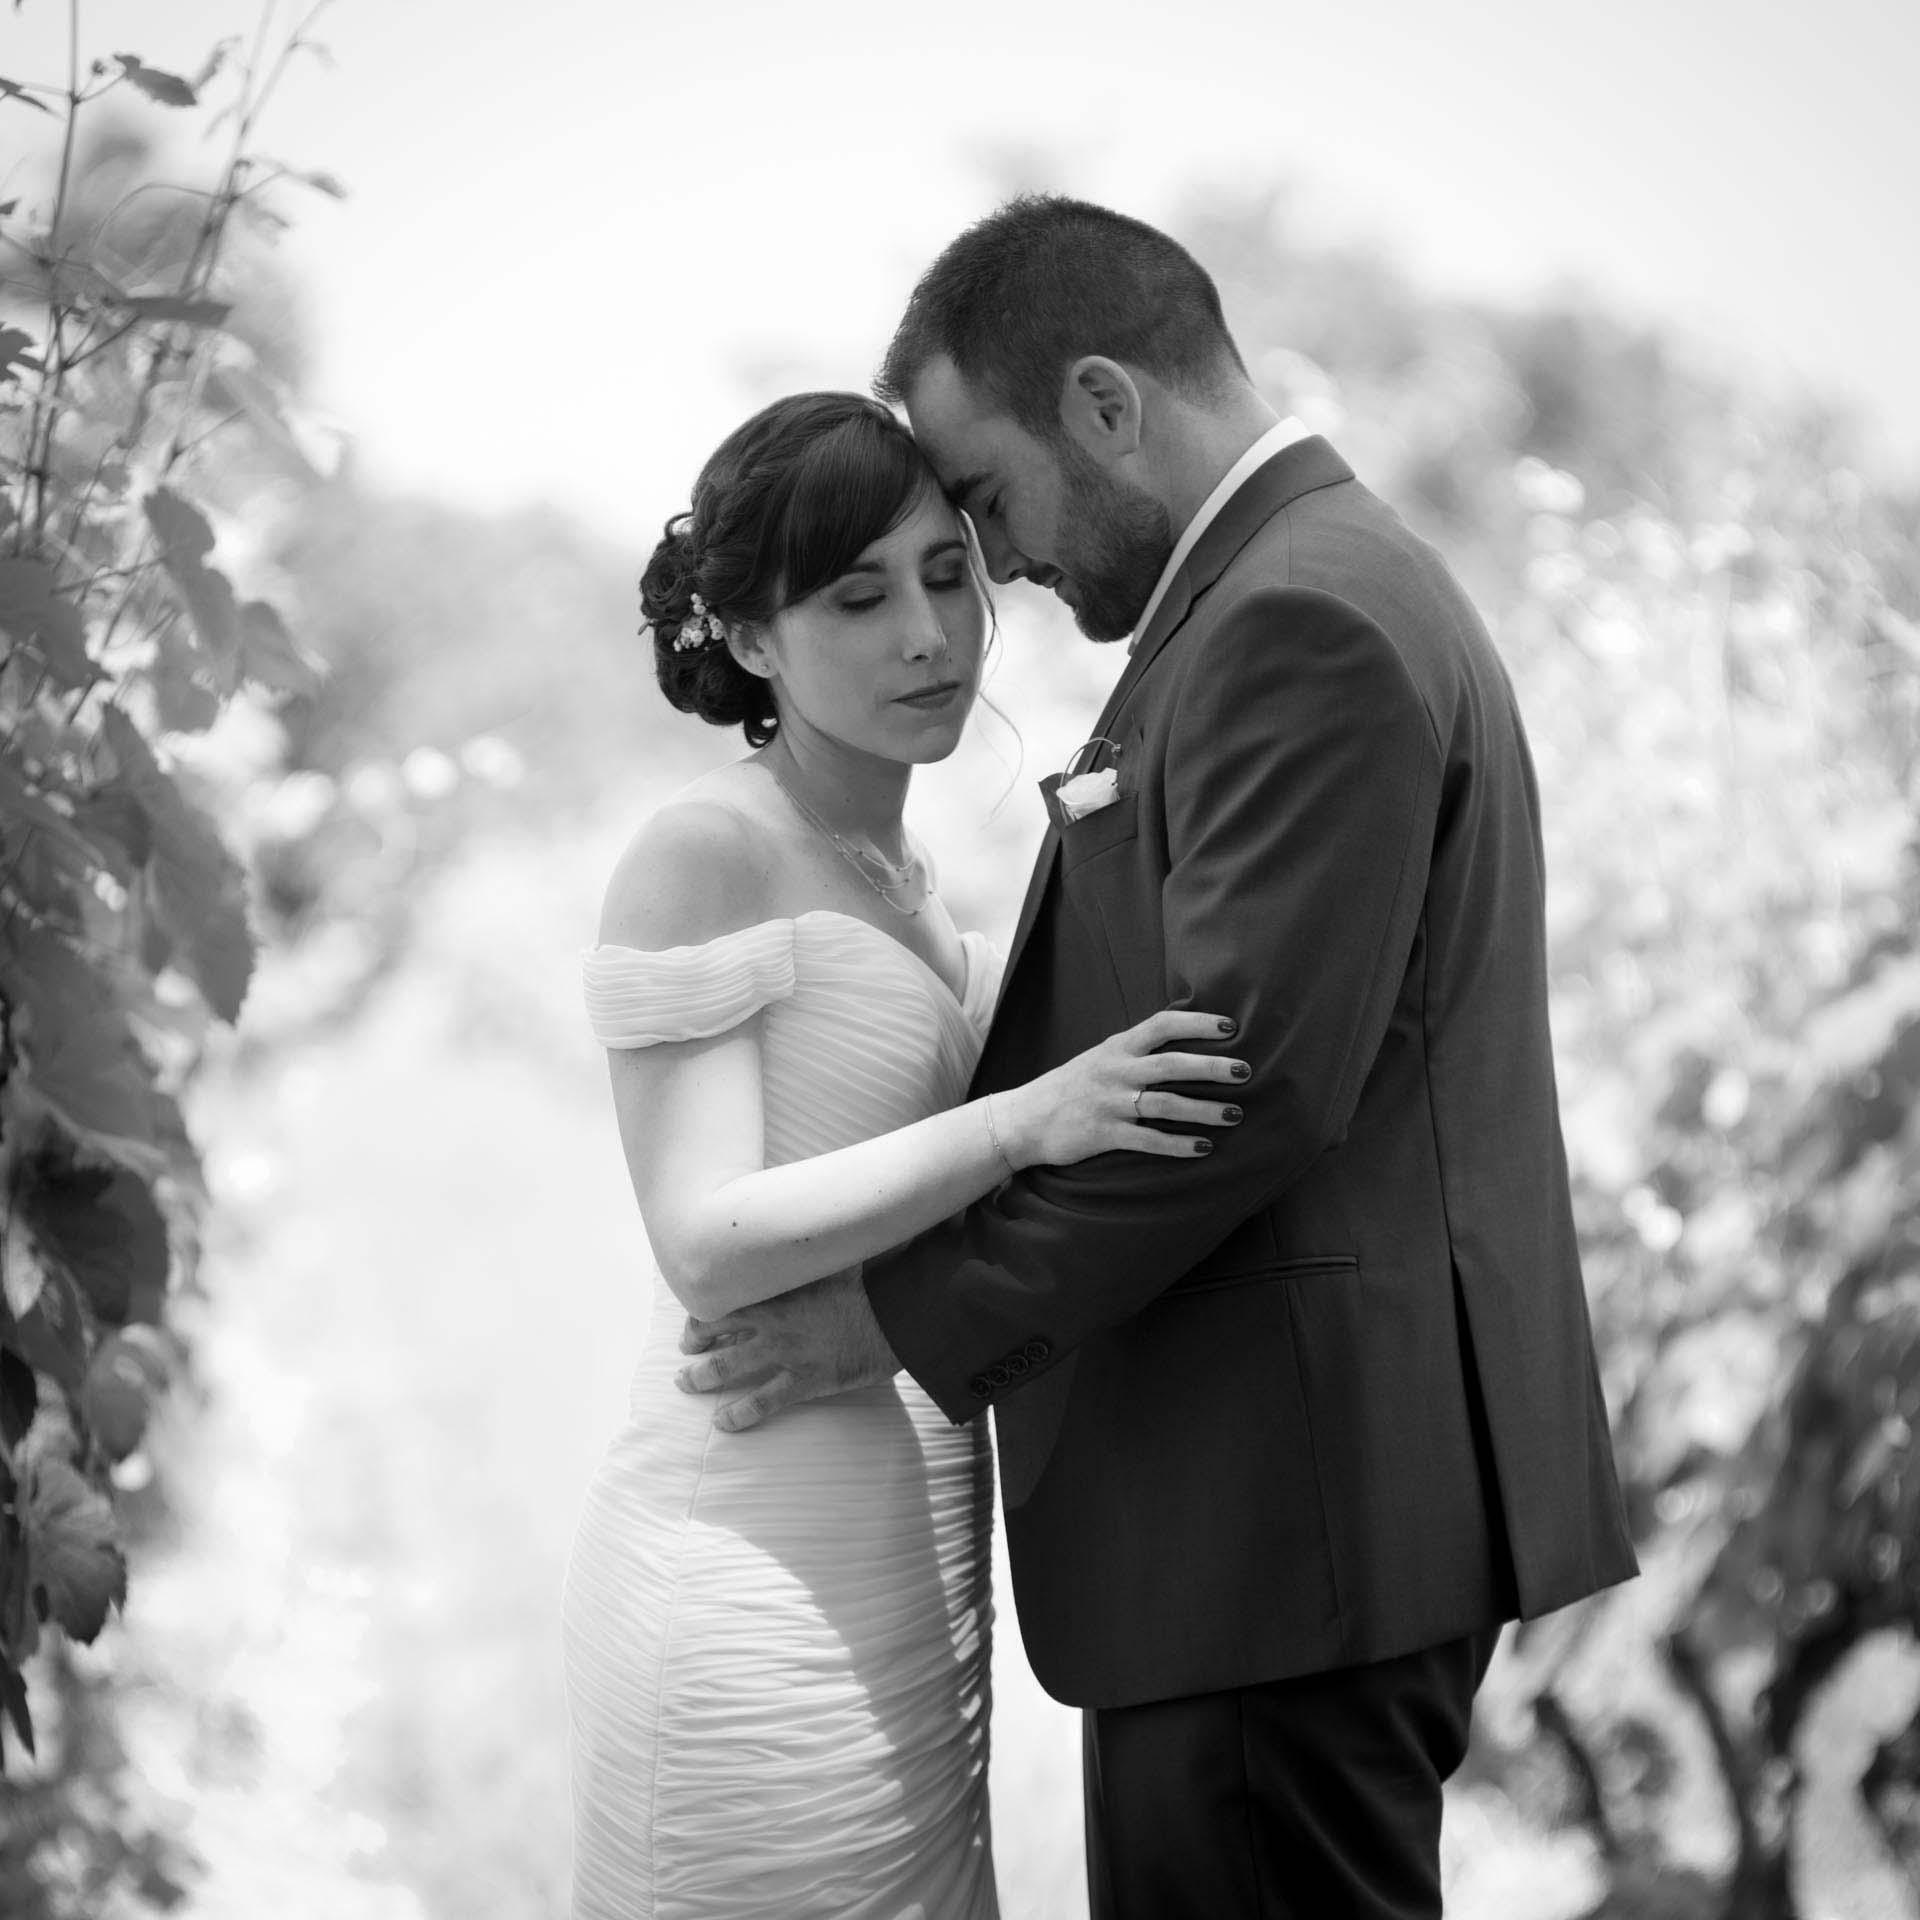 Parce que nous savons combien votre mariage vous fait rêver.